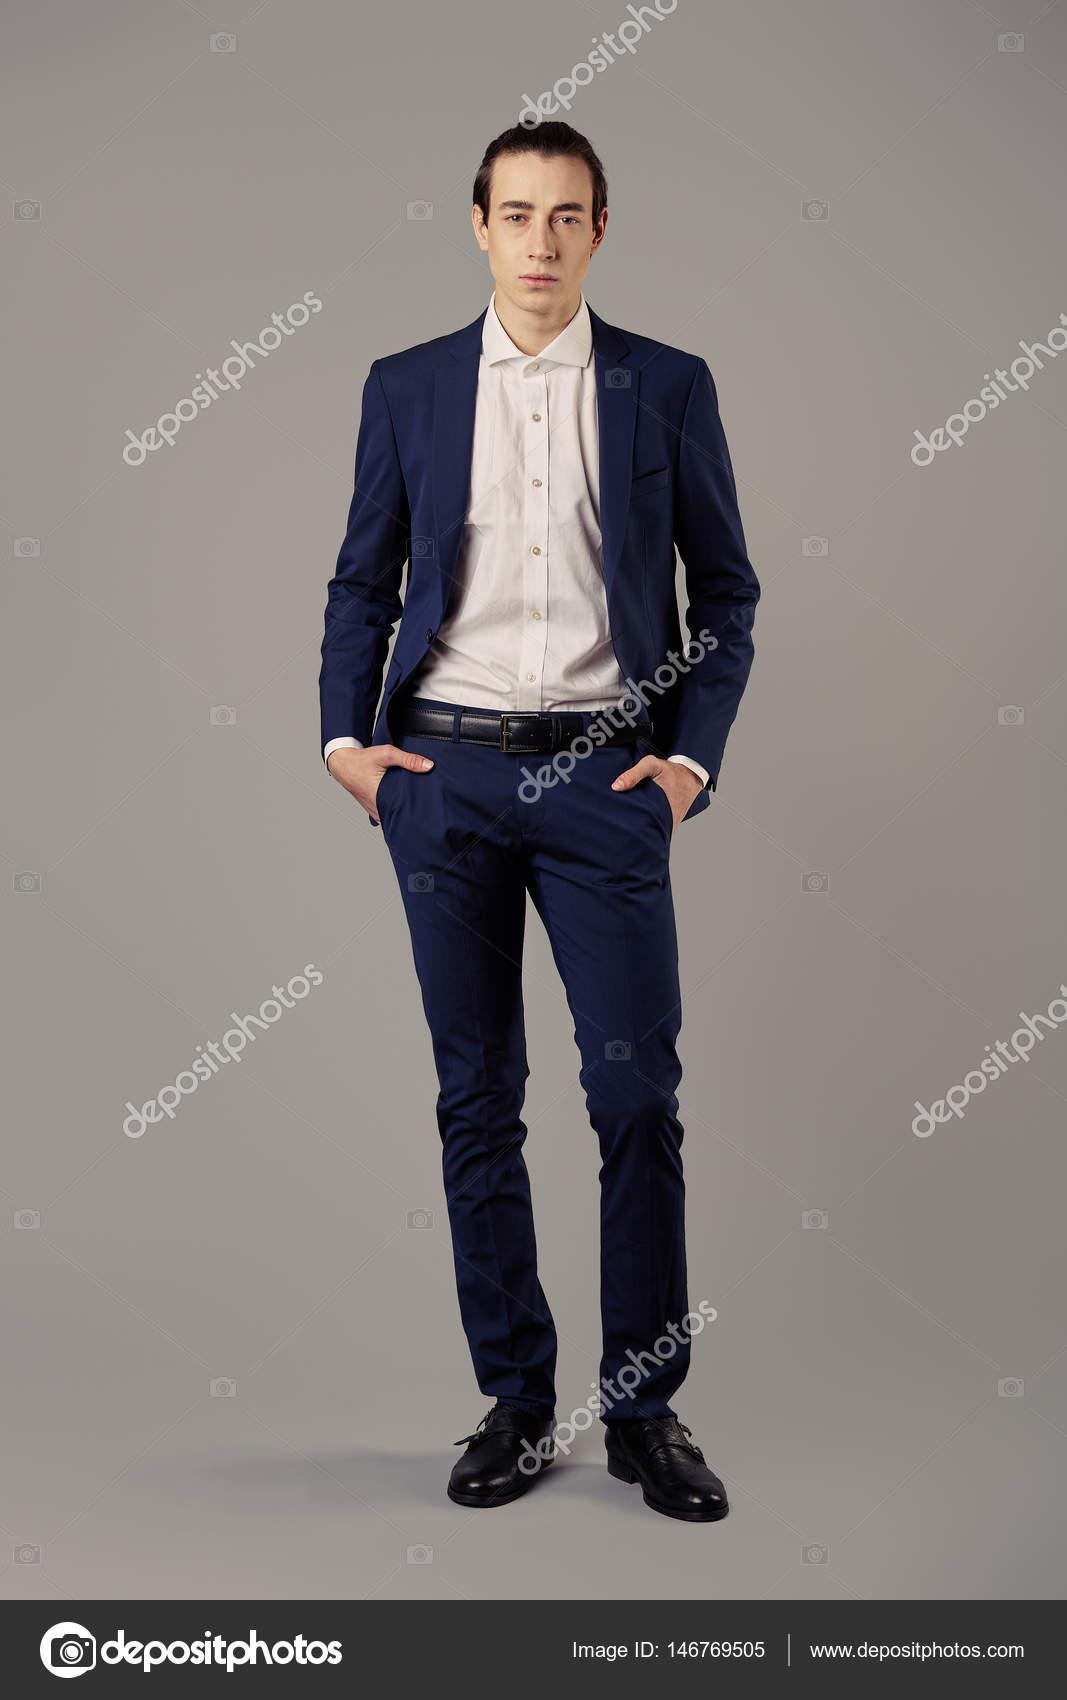 Overhemd Voor Pak.Zakenman Mode Dragen Blauwe Pak Met Wit Overhemd Stockfoto